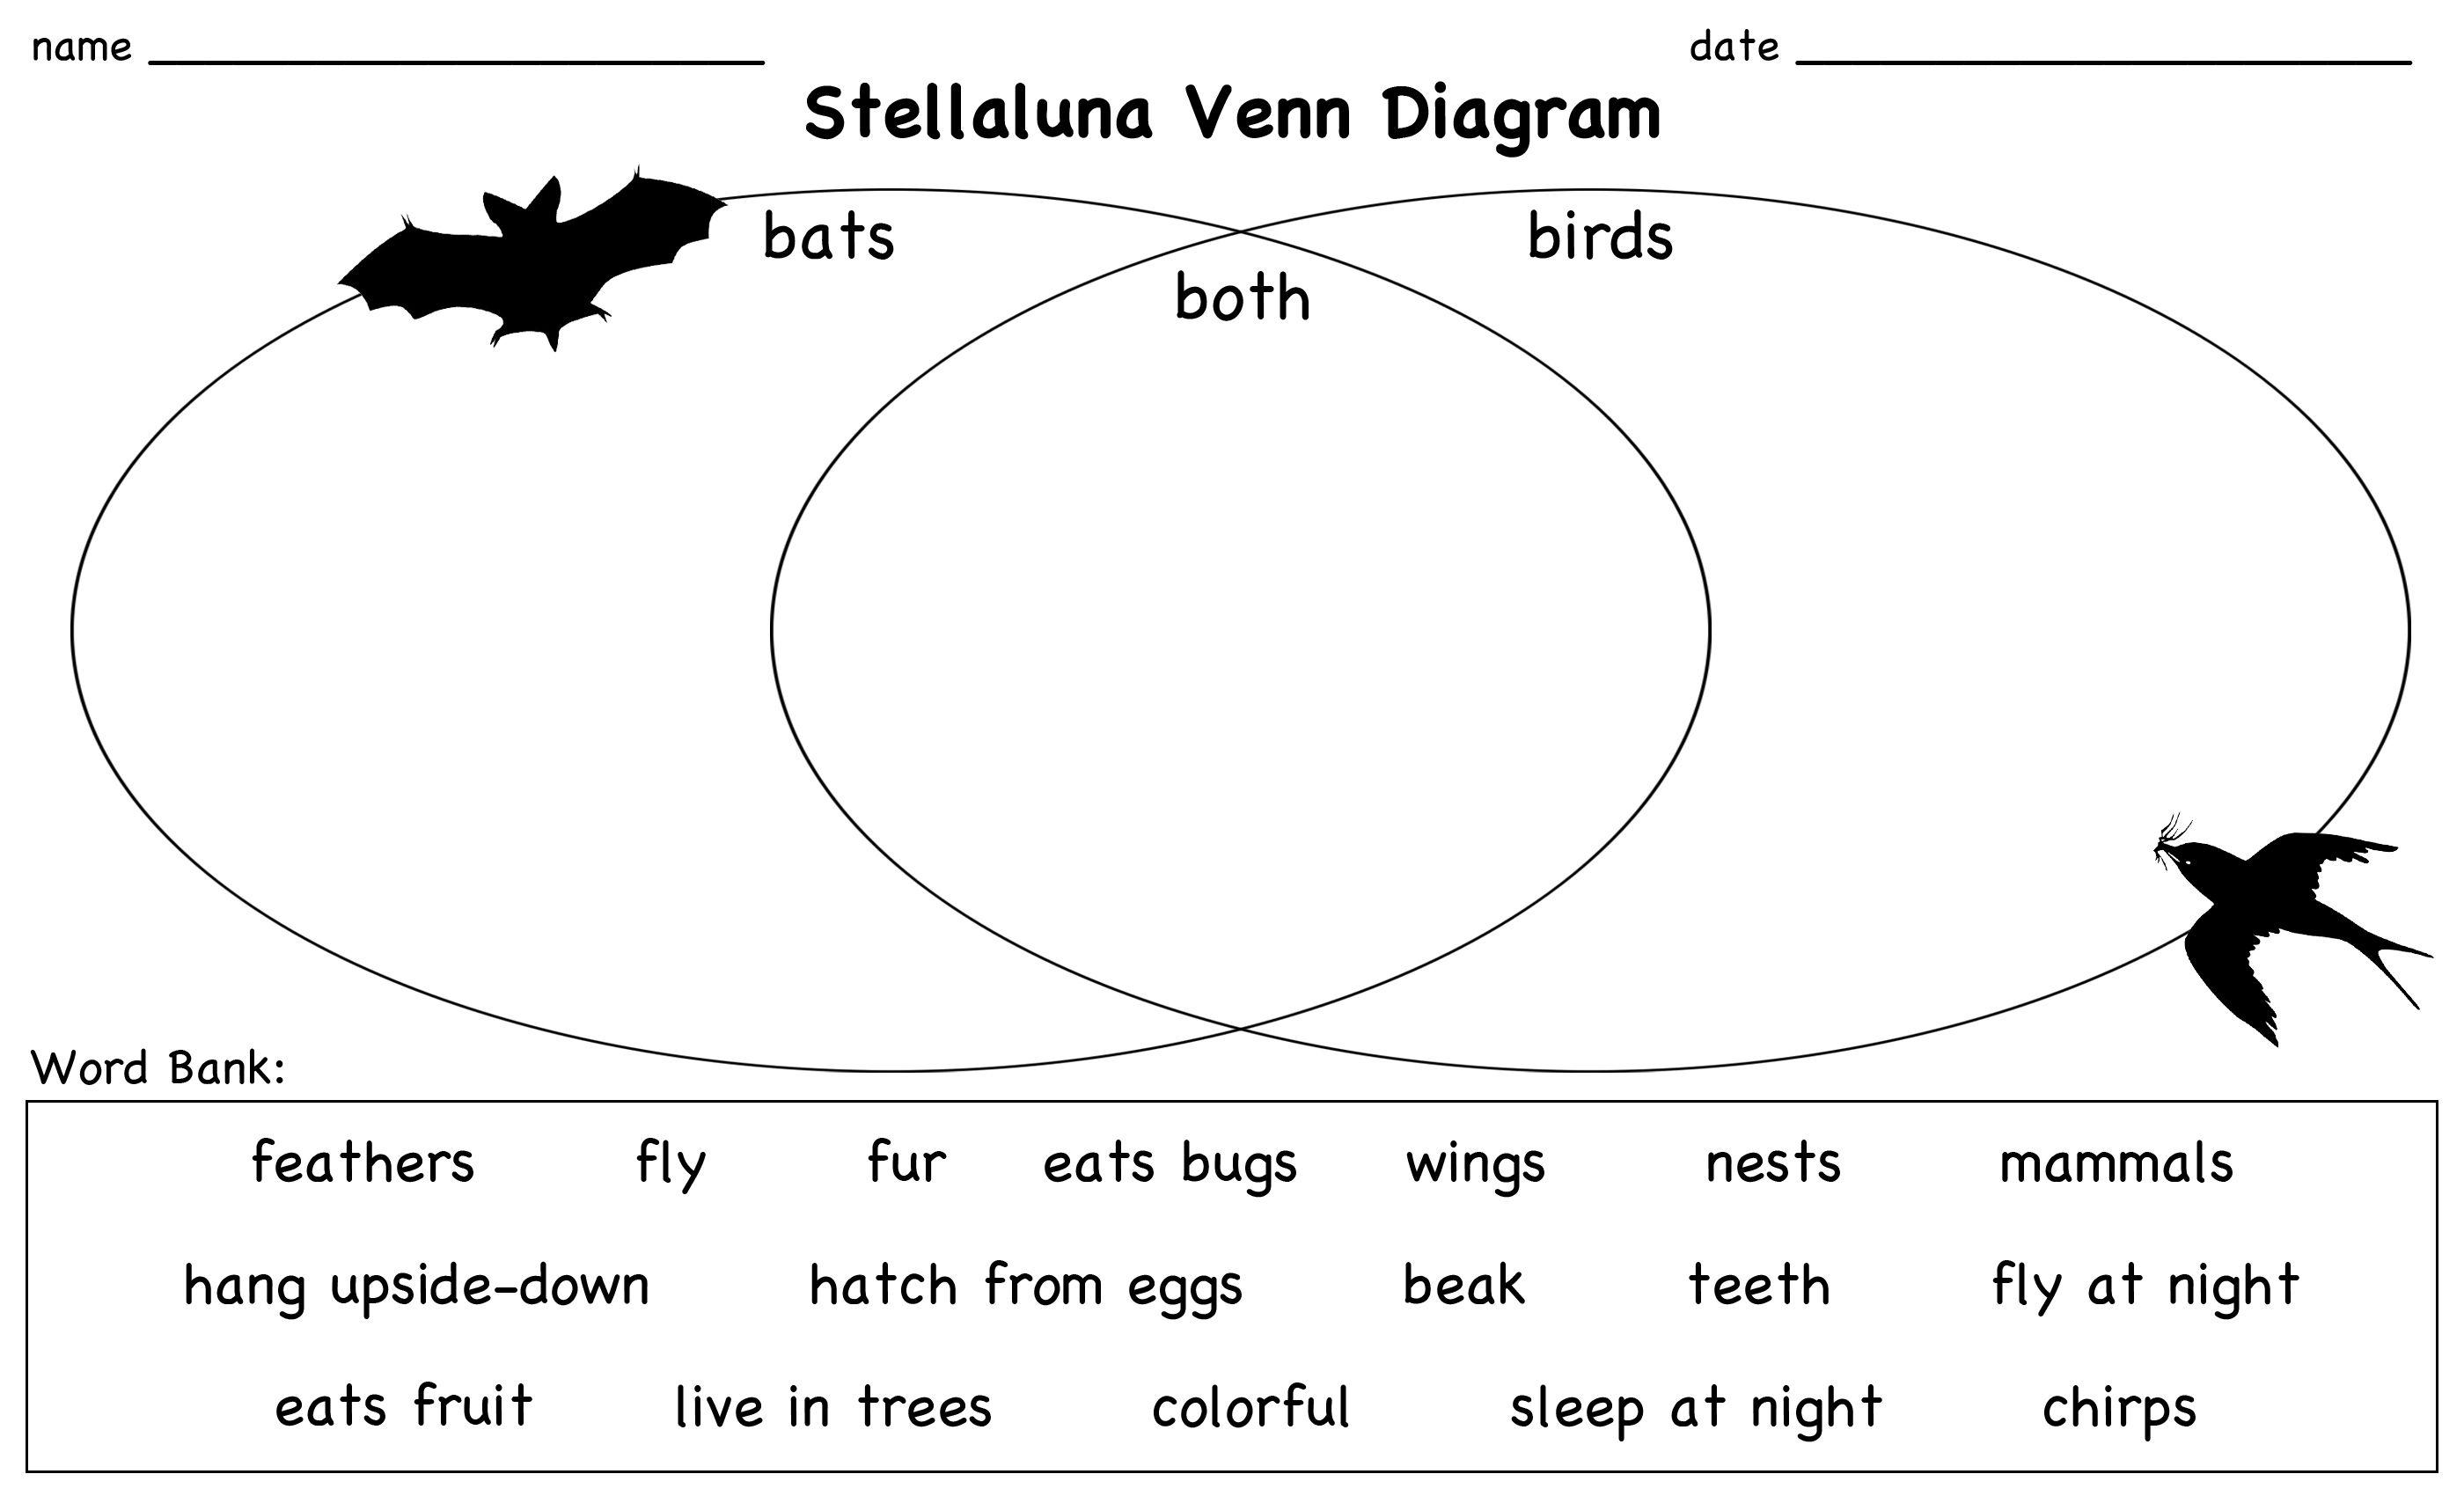 Stellaluna Venn Diagram Lesson